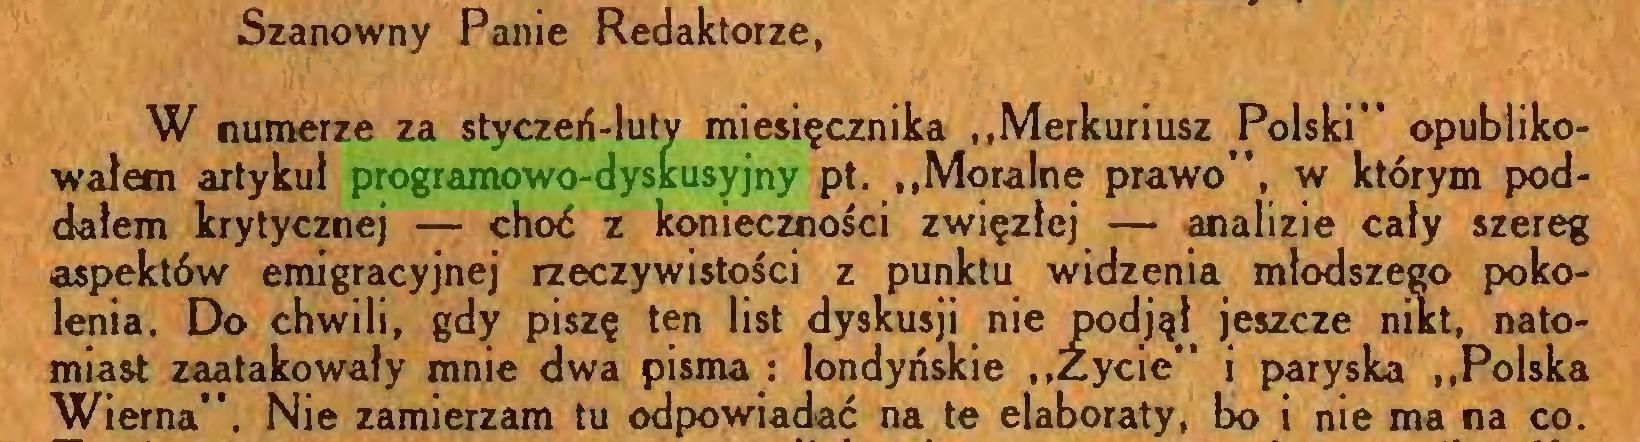 """(...) Szanowny Panie Redaktorze, W numerze za styczeń-luty miesięcznika """"Merkuriusz Polski"""" opublikowałem artykuł programowo-dyskusyjny pt. """"Moralne prawo"""", w którym poddałem krytycznej — choć z konieczności zwięzłej — analizie cały szereg aspektów emigracyjnej rzeczywistości z punktu widzenia młodszego pokolenia. Do chwili, gdy piszę ten list dyskusji nie podjął jeszcze nikt, natomiast zaatakowały mnie dwa pisma : londyńskie """"Życie"""" i paryska """"Polska Wierna"""". Nie zamierzam tu odpowiadać na te elaboraty, bo i nie ma na co..."""